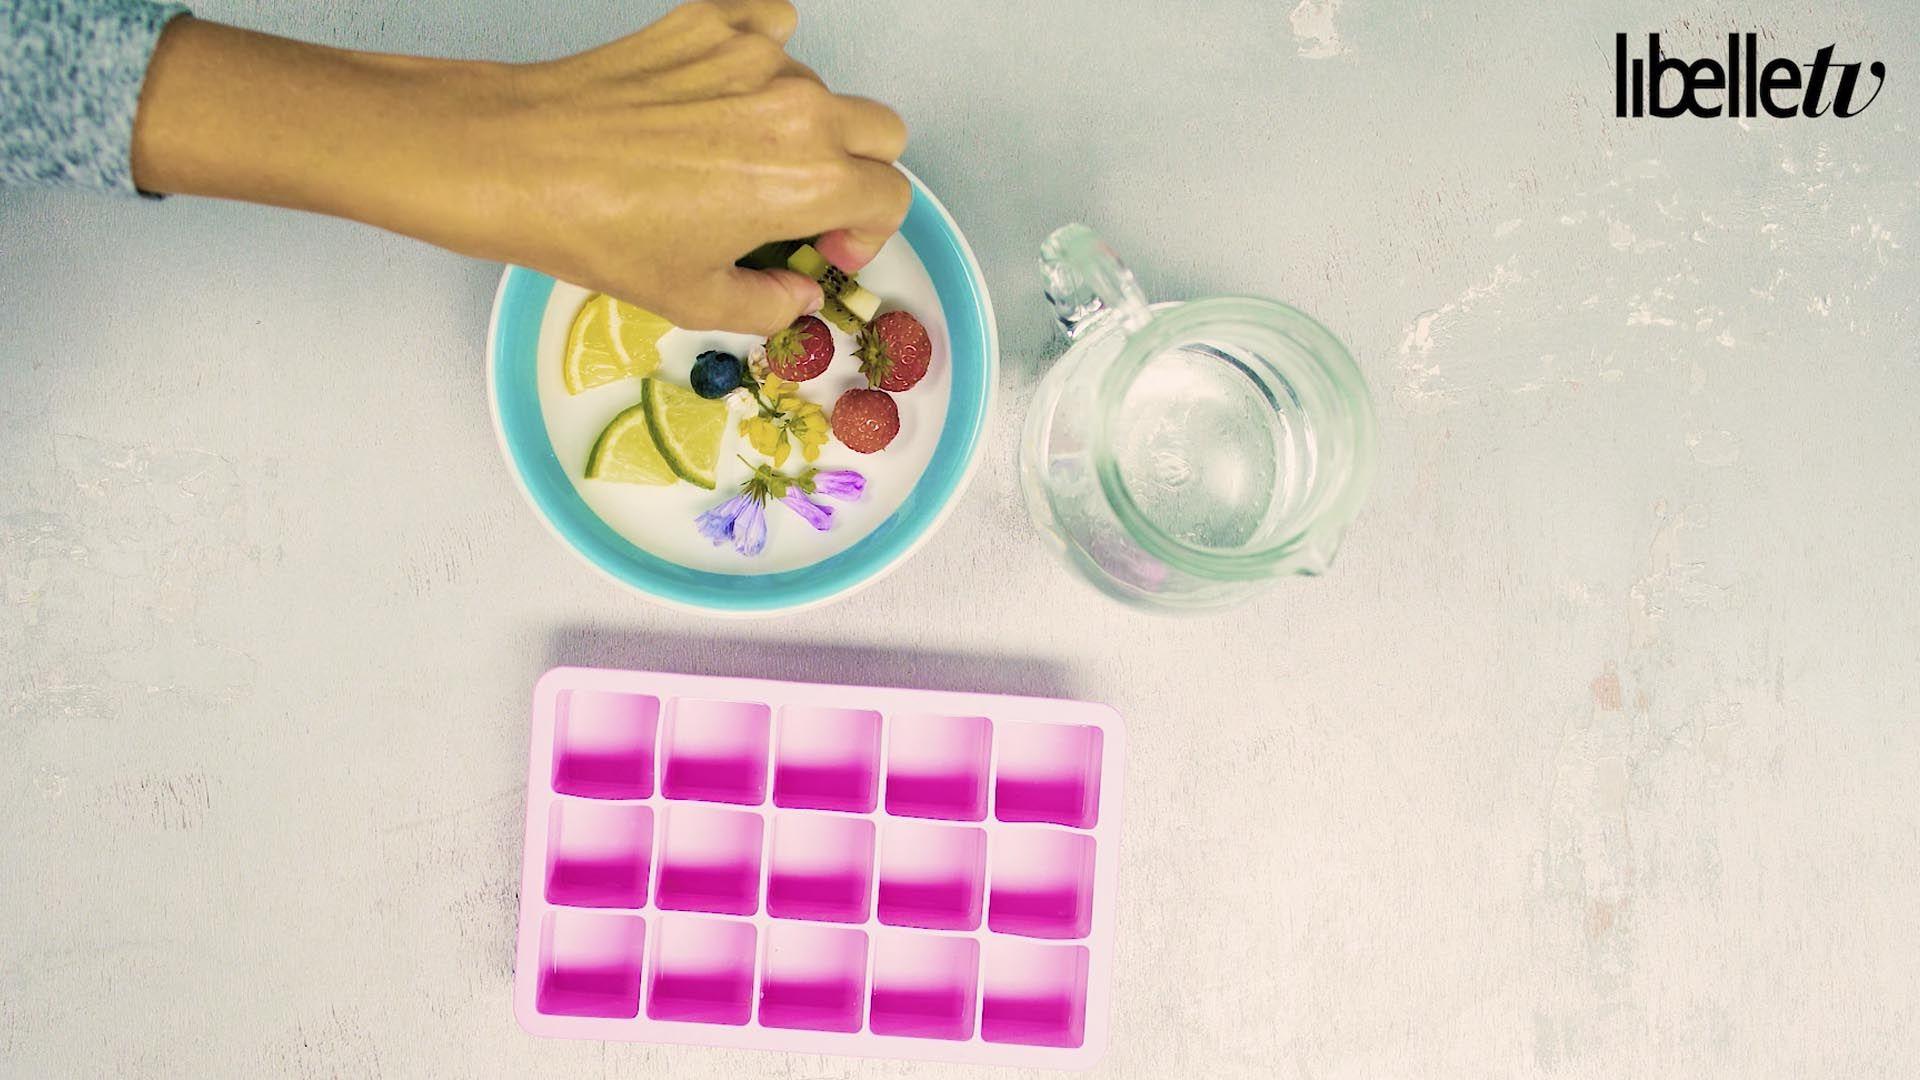 Fleur je water op met deze kleurige klontjes